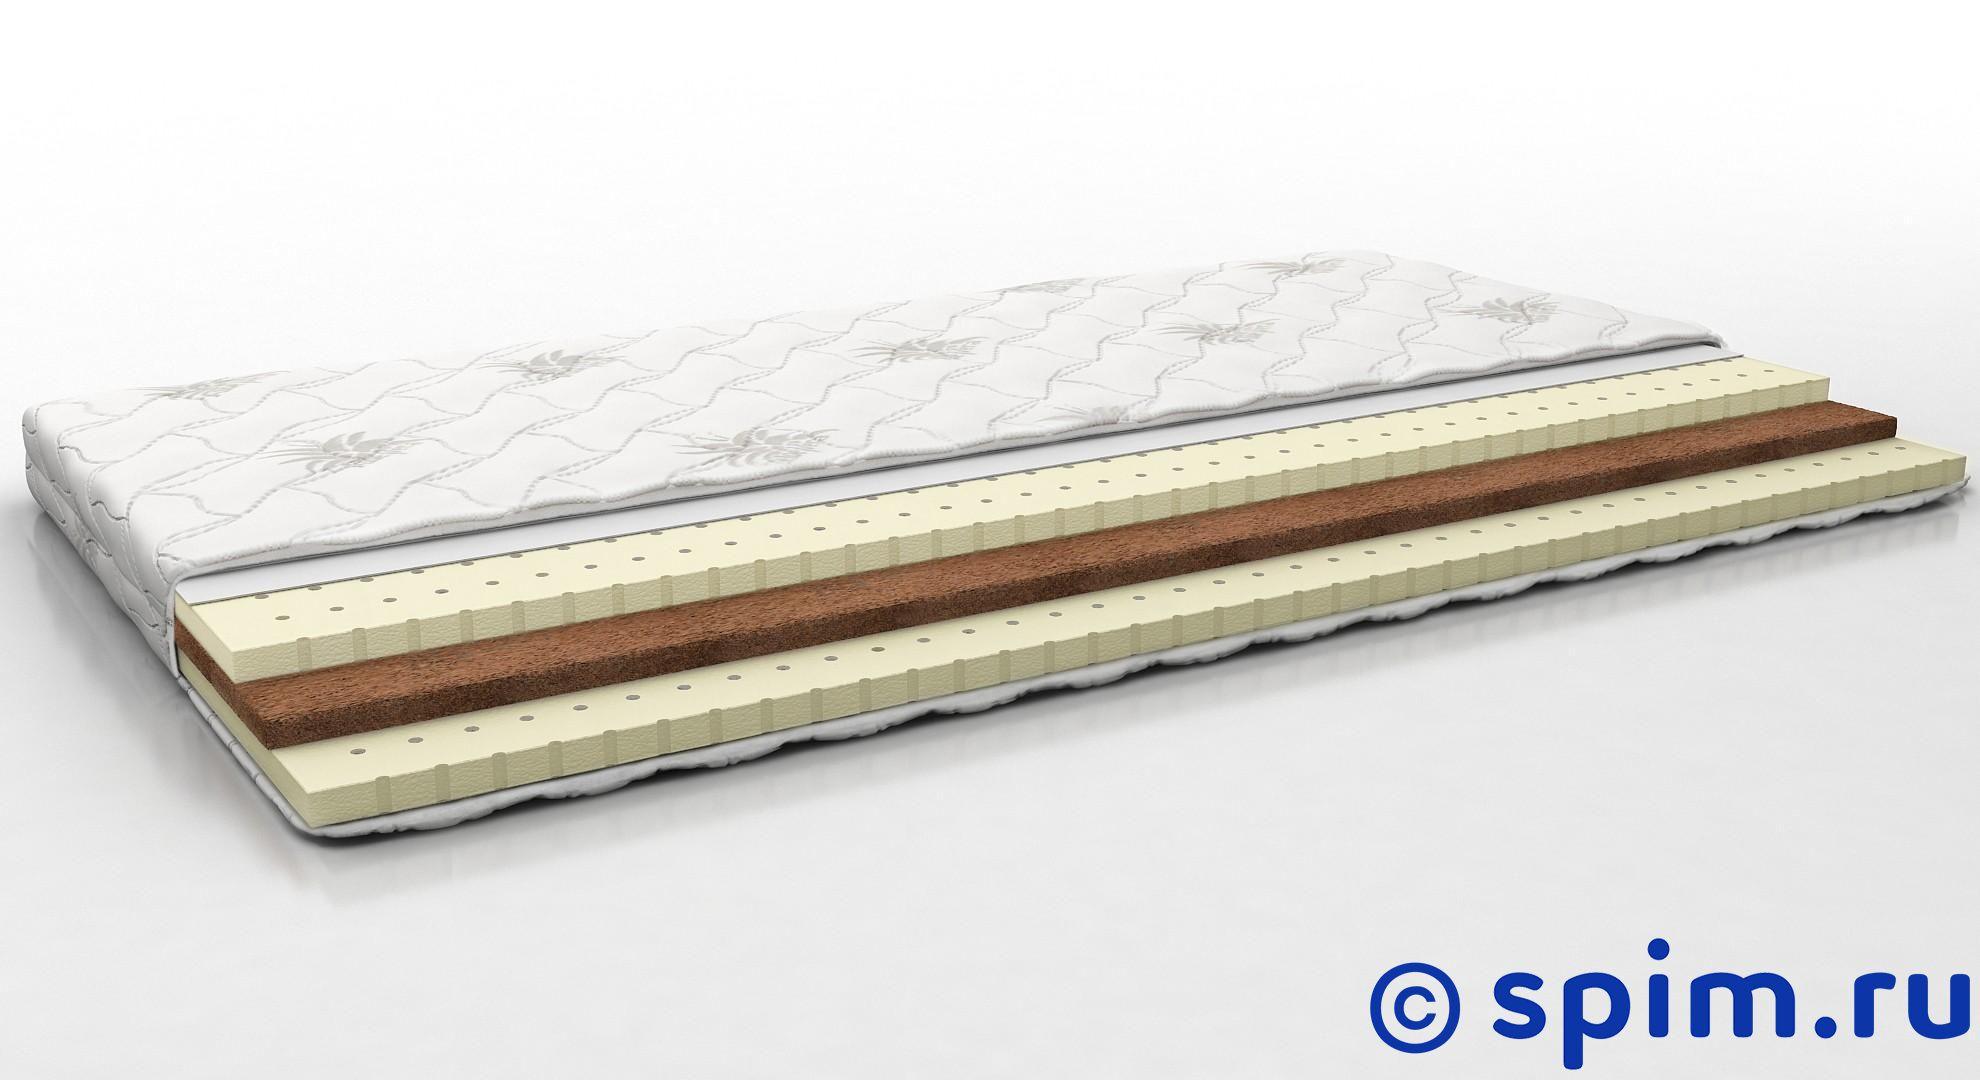 Матрас Perrino Кроха 120х190 смДетские матрасы Perrino<br>Матрас средней жесткости на основе слоя кокосовой койры и 2-х слоев натурального латекса. Съемный трикотажный чехол. Нагрузка: до 50 кг. Высота: 7 см. Размер Перрино Krocha 1,5-спальный: 120 x 190 см<br><br>Ширина см: 120<br>Длина см: 190<br>Линейка: Kids